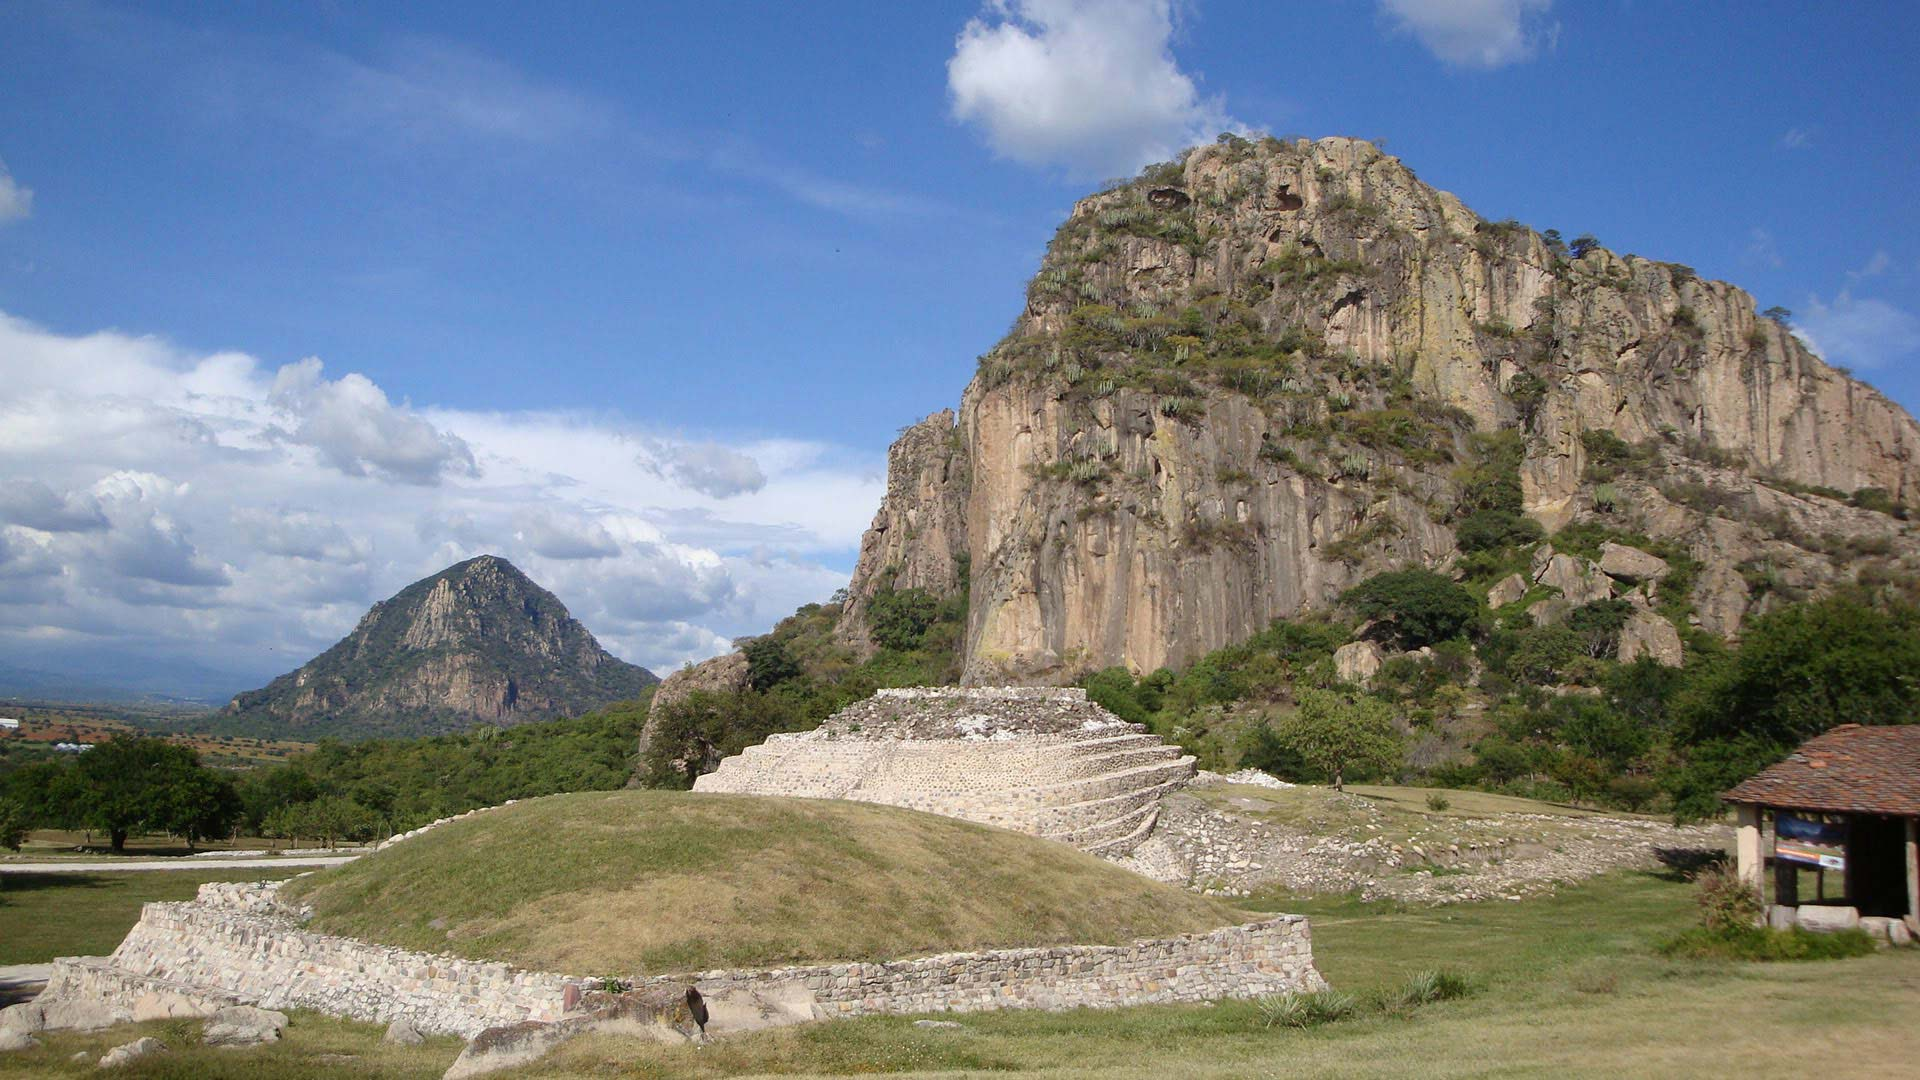 Zona Arqueológica Chalcatzingo en Jantetelco - Morelos | Reseña, Ubicación Y Precios Para Visitar Las Pirámides